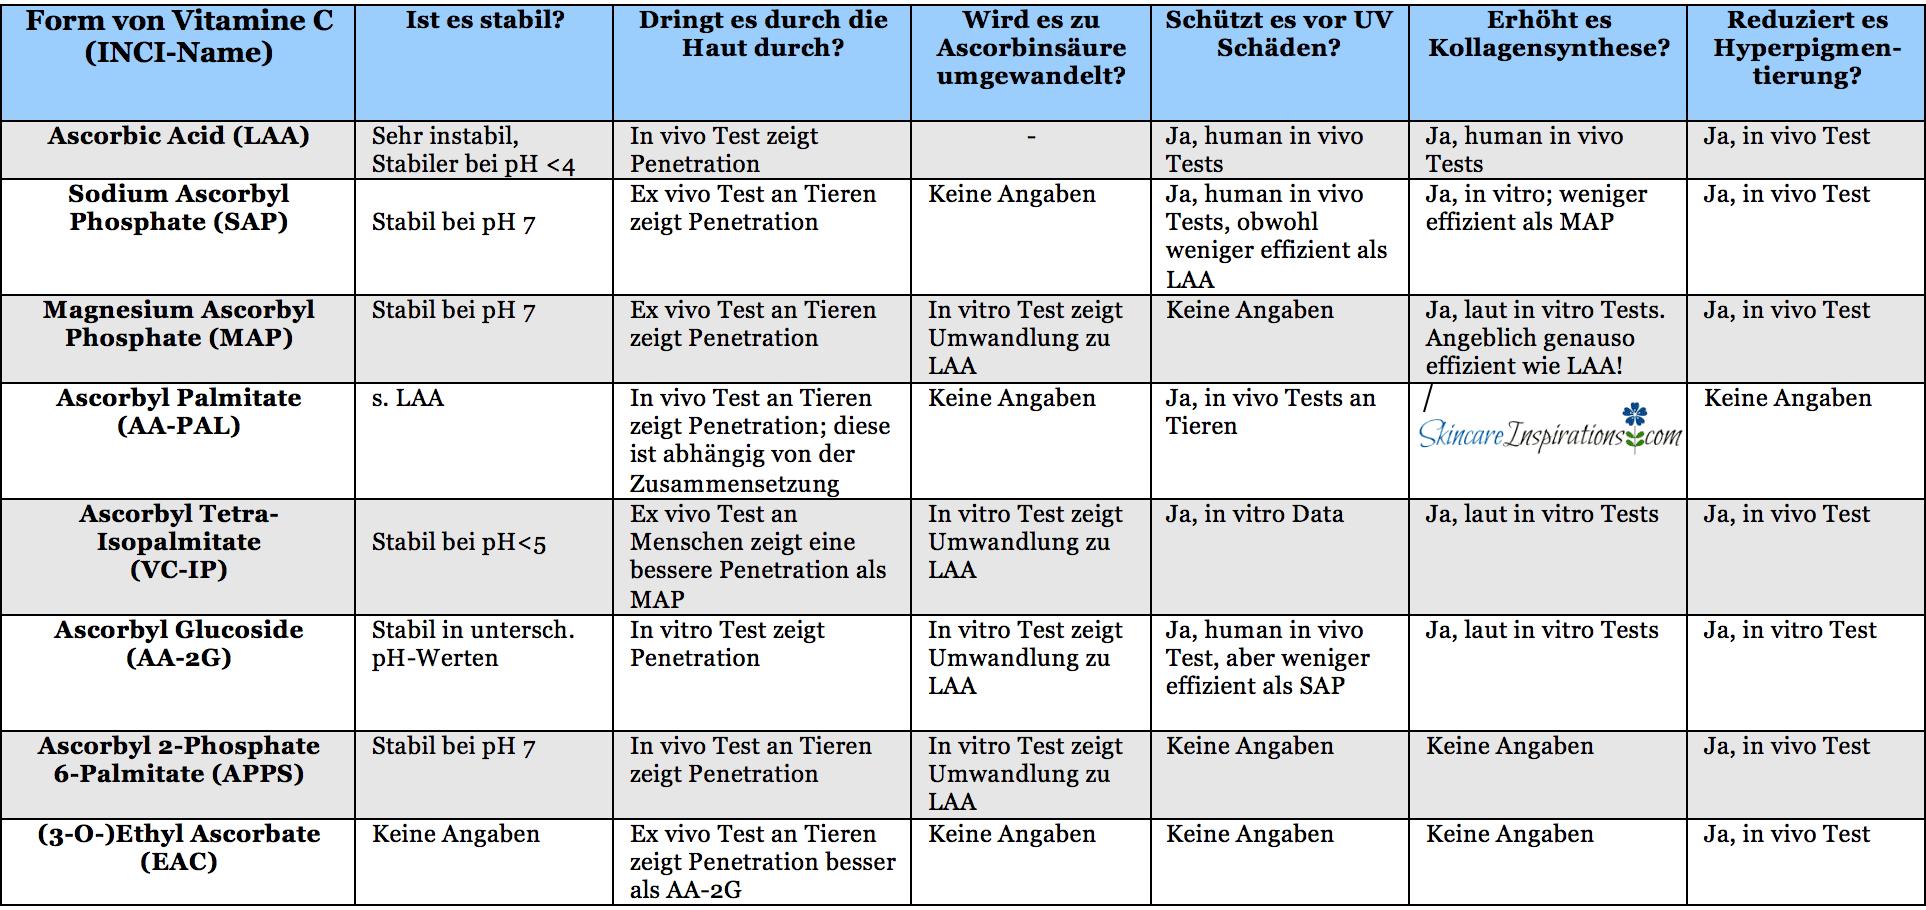 Vitamin C INCI Name Tabelle